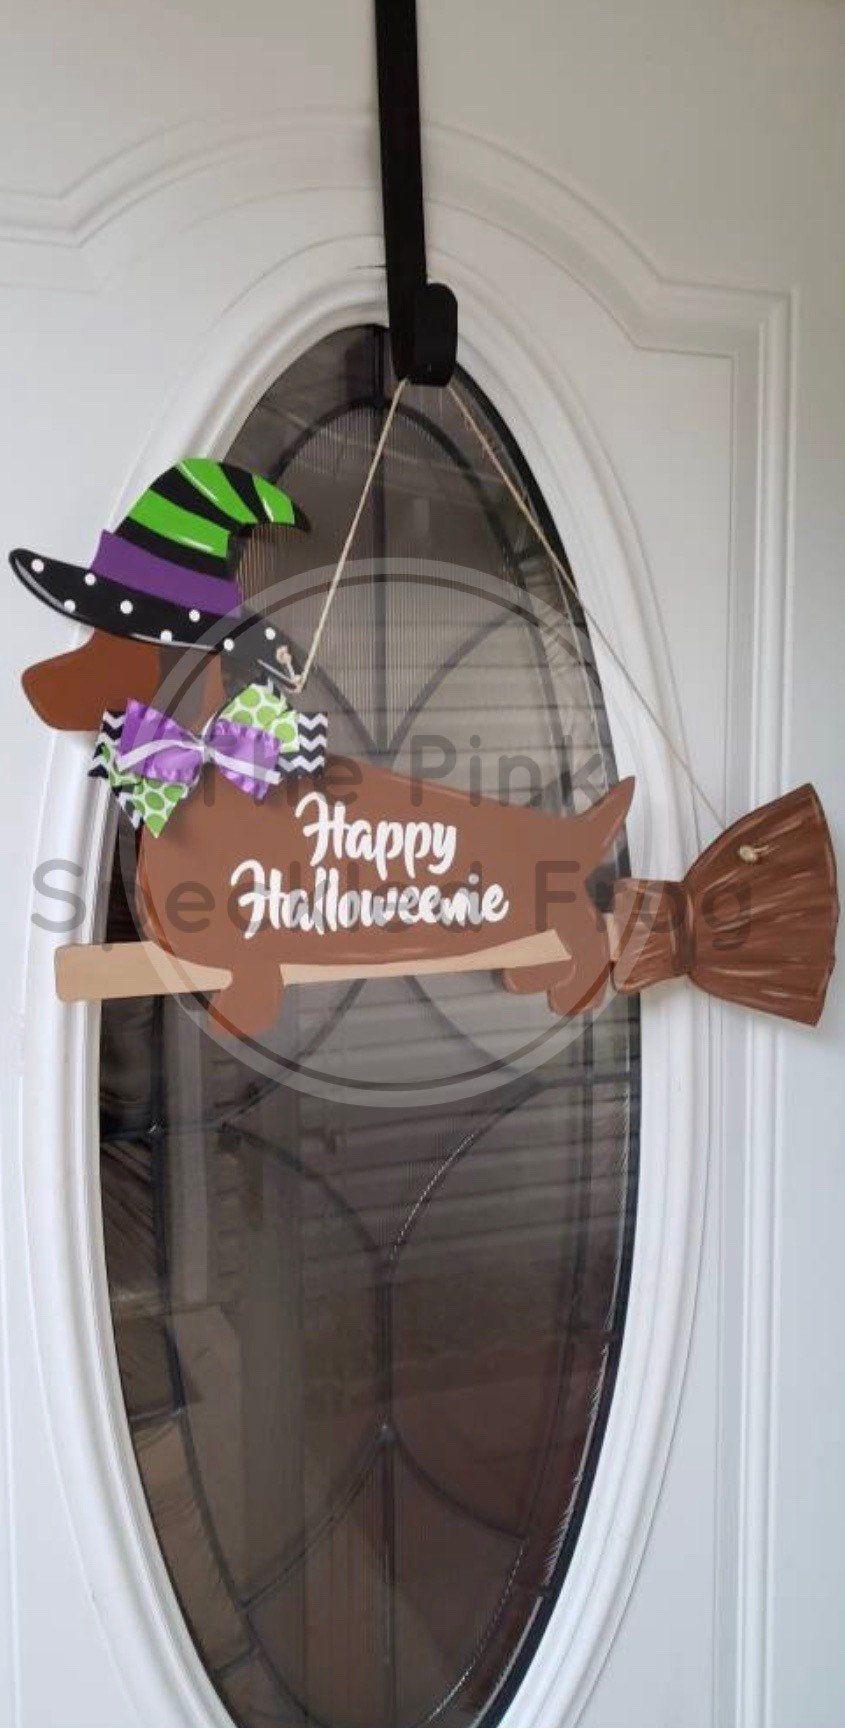 Happy Halloweenie door hanger